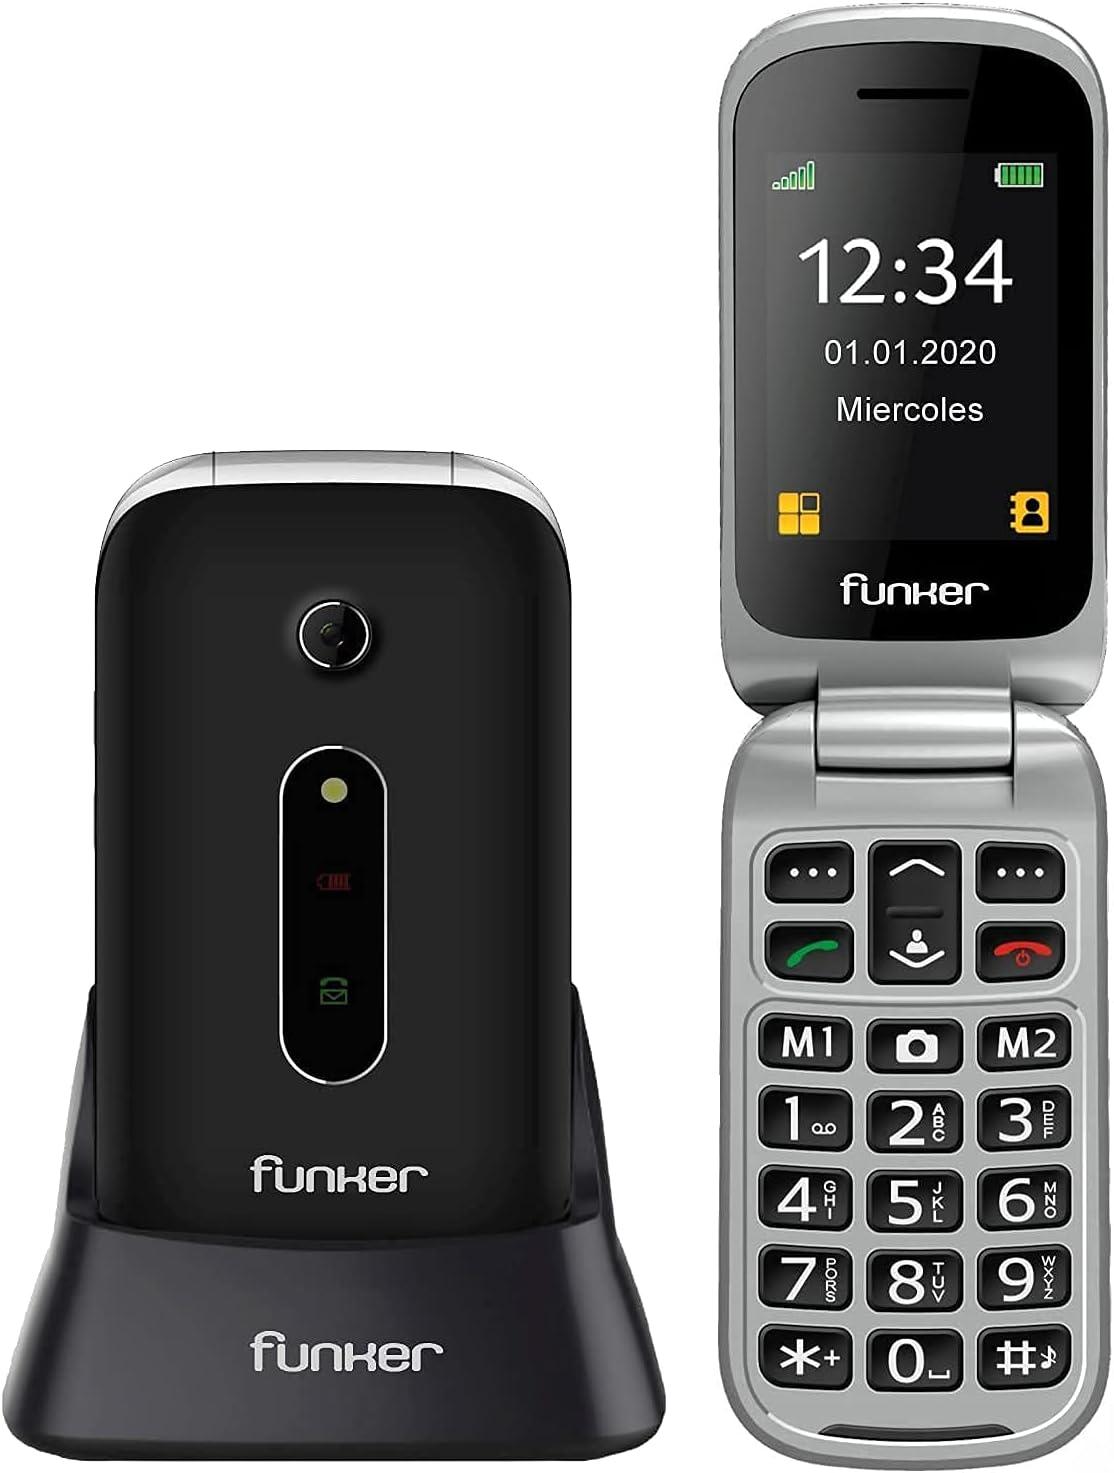 Funker C75 EASY COMFORT - Teléfono Móvil con Tapa, Fácil Uso para Personas Mayores con Botón SOS y Base Cargadora, color Negro